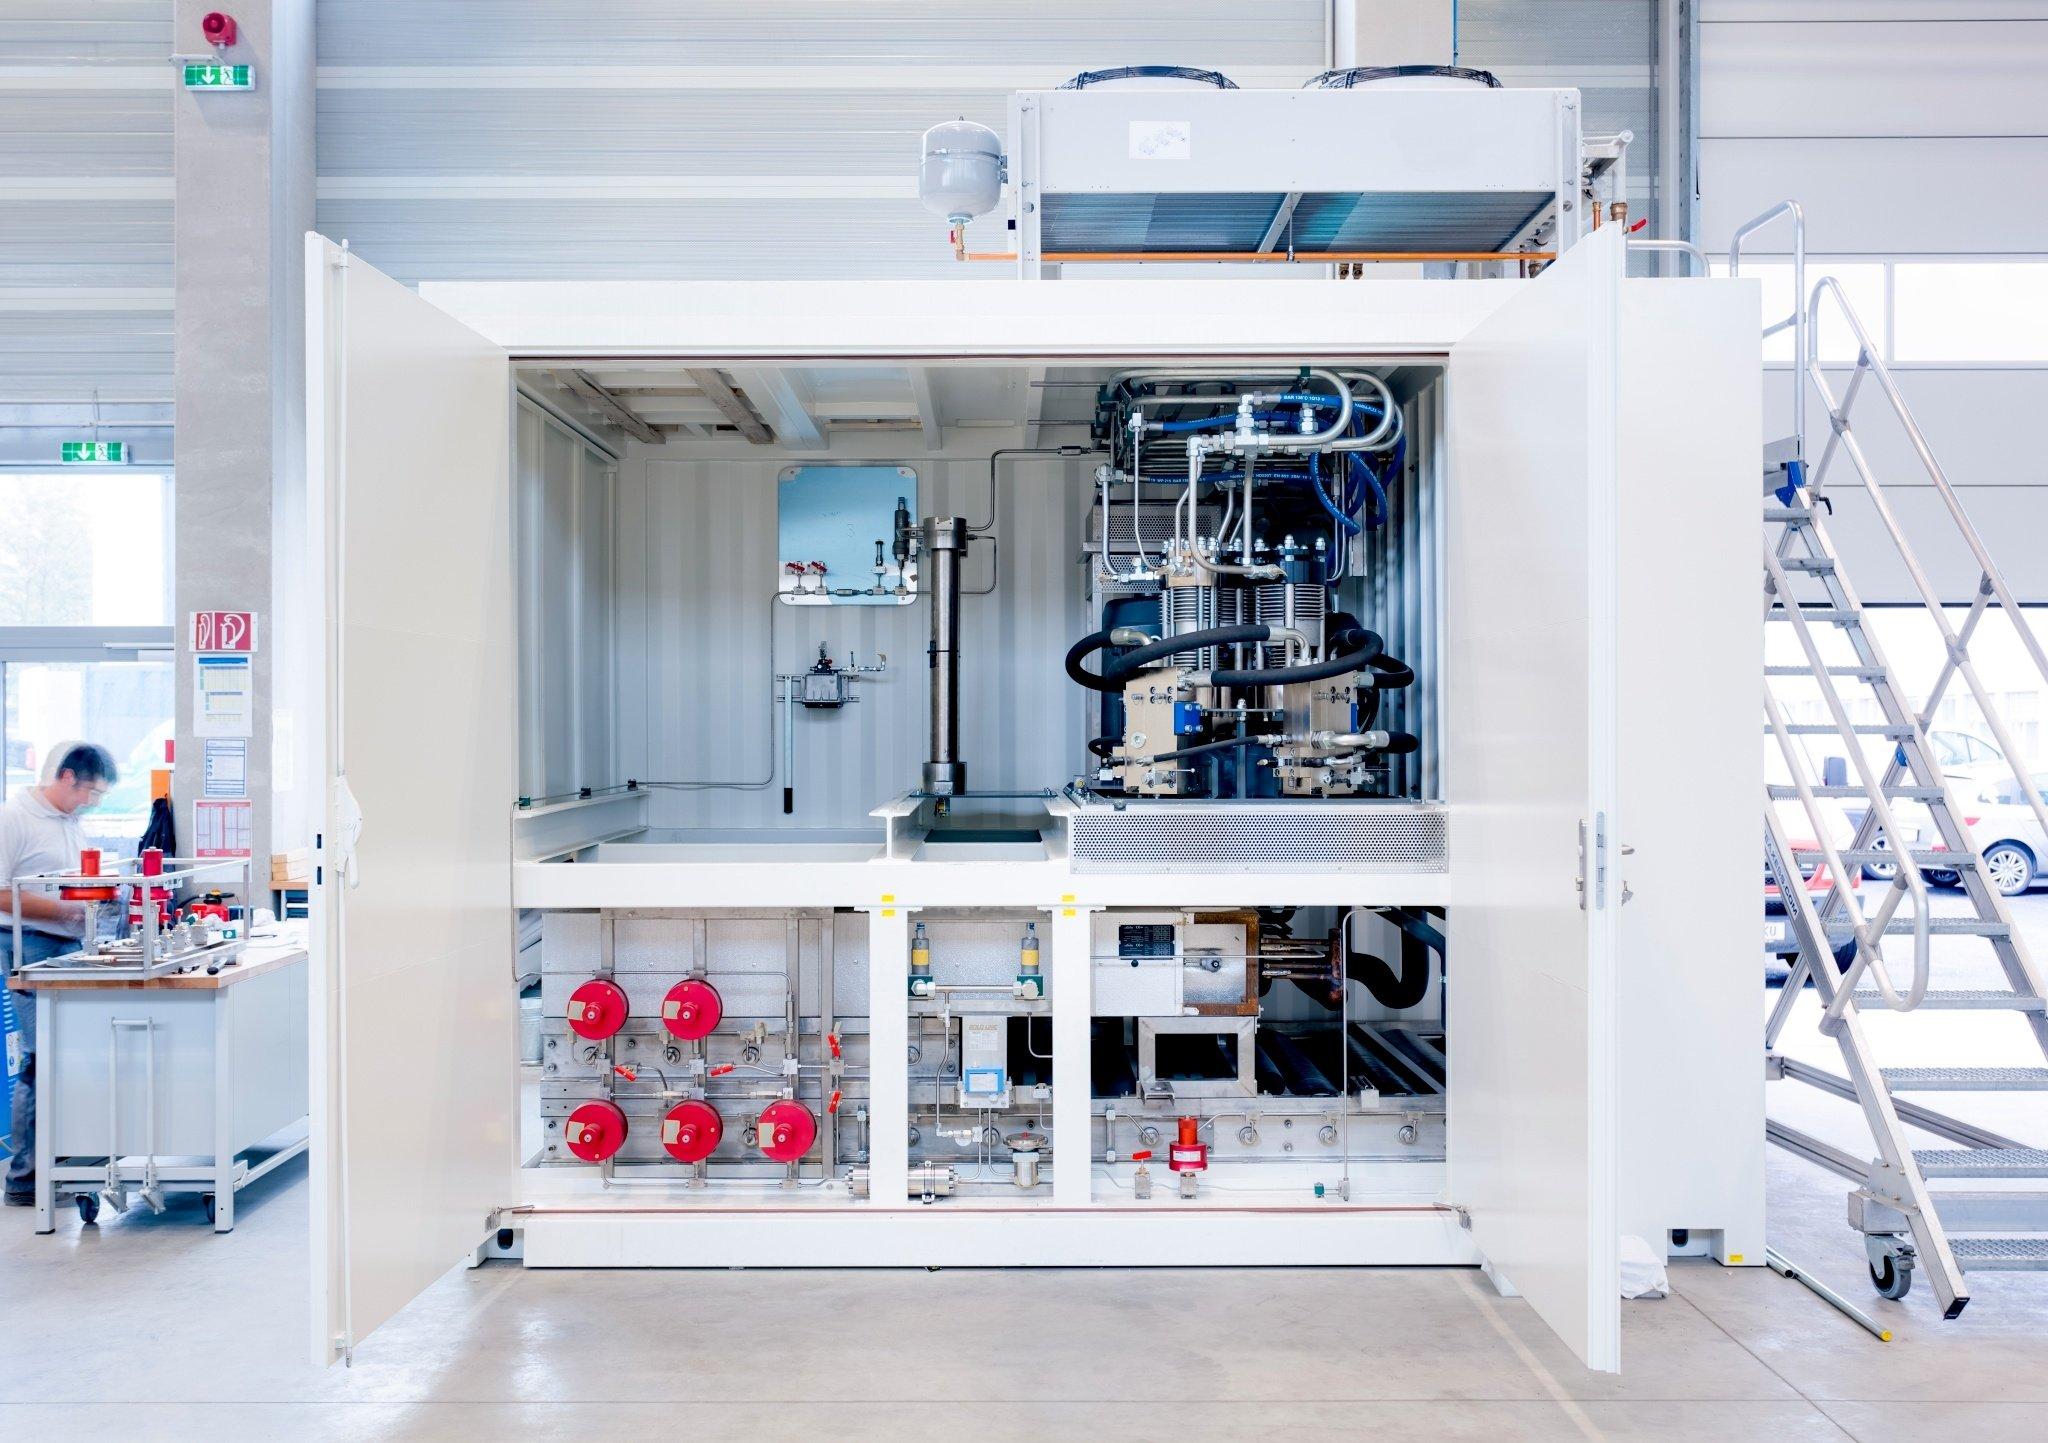 Auf der Hannover Messe präsentiert Linde eine neue Tanktechnik für Wasserstoff.